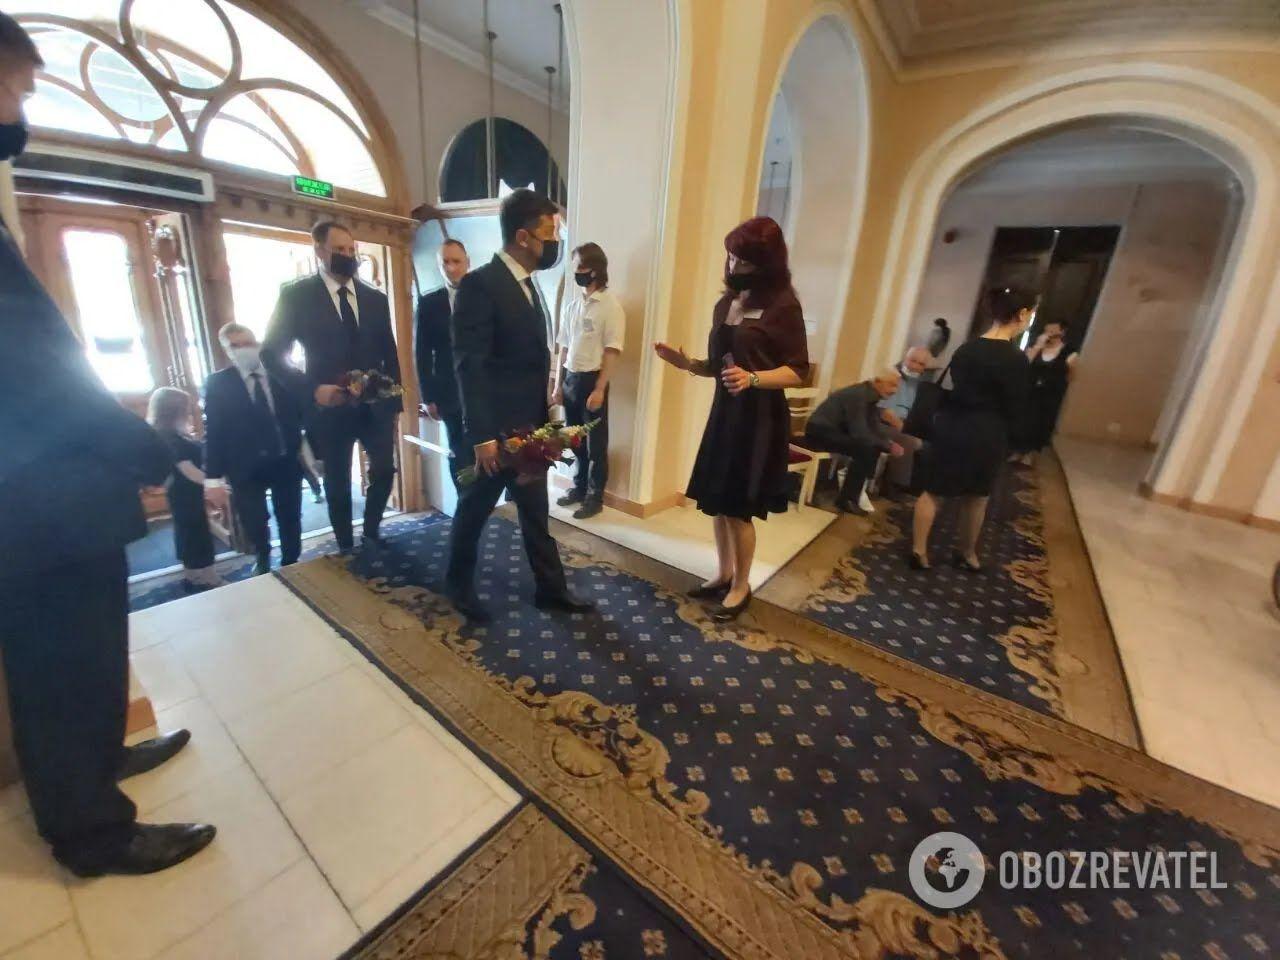 Владимир Зеленский приехал на церемонию прощания с Чапкисом